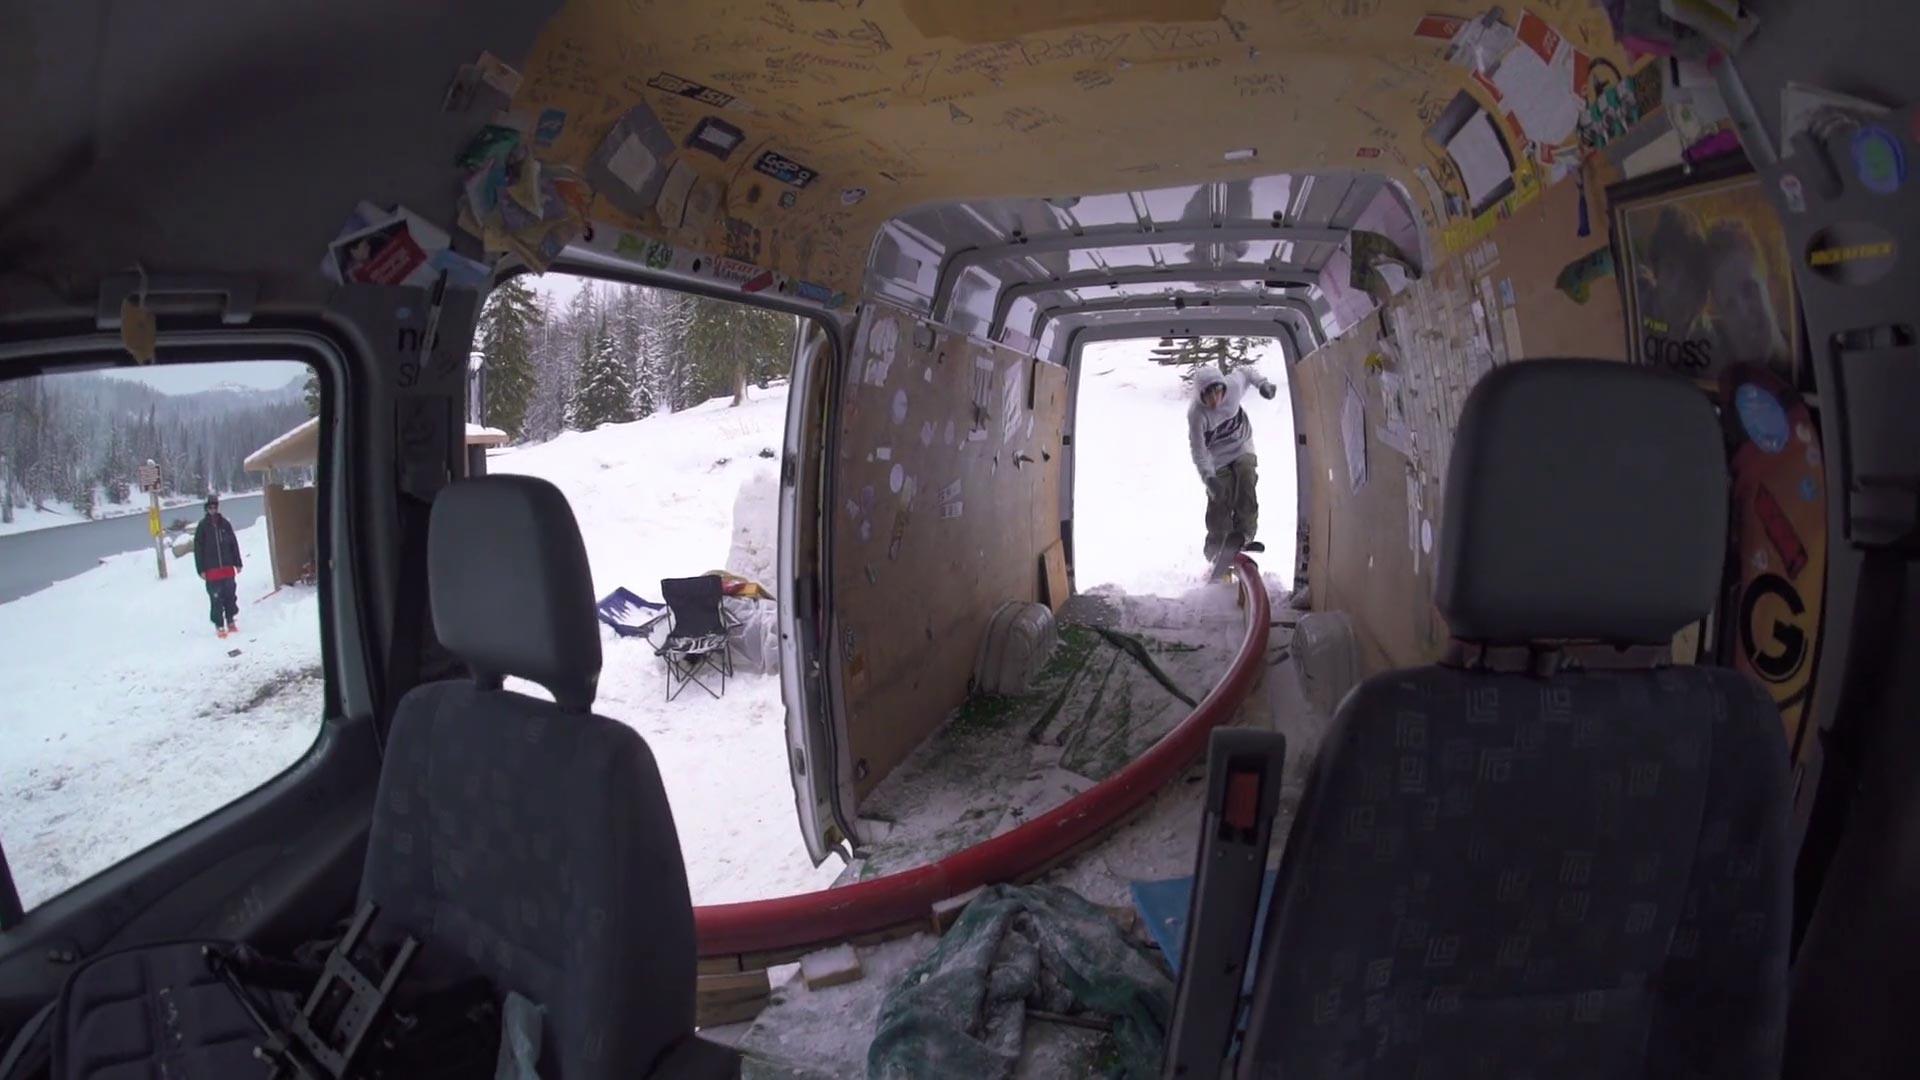 Dafür musste die Inneneinrichtung des Vans unter anderem weichen: Ein Tube durch den Kofferraum und an der Seitentür wieder nach draußen.